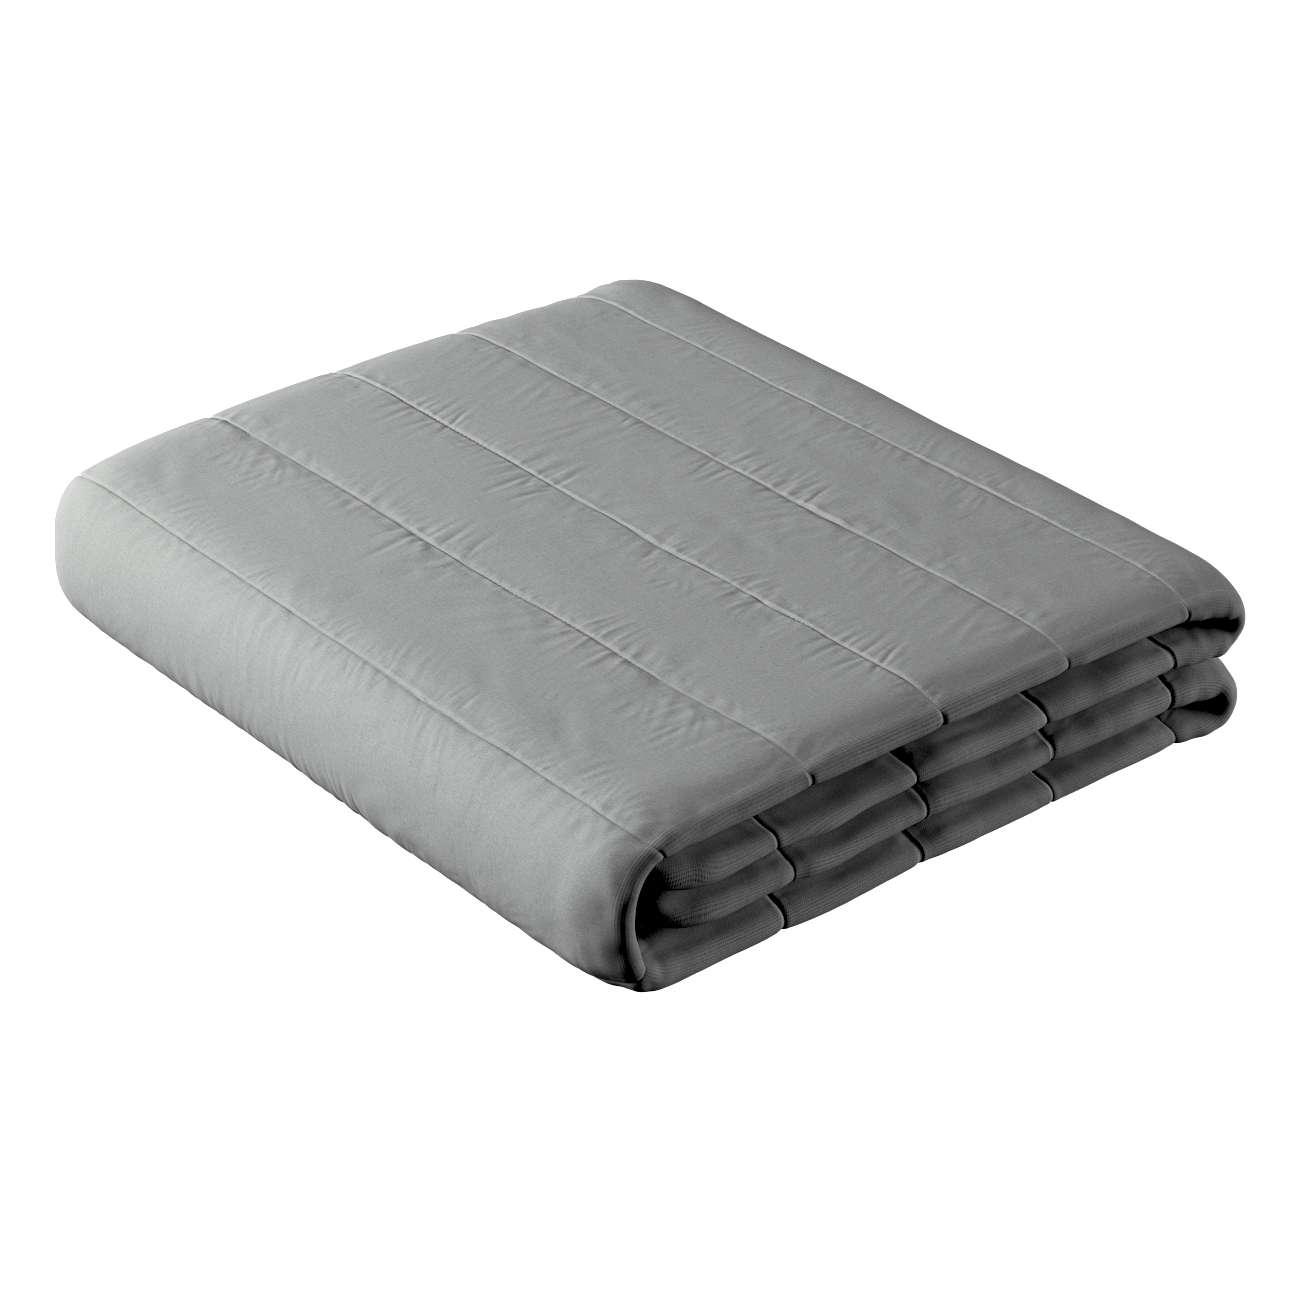 Prehoz  s pozdĺžným prešívaním V kolekcii Loneta, tkanina: 133-24